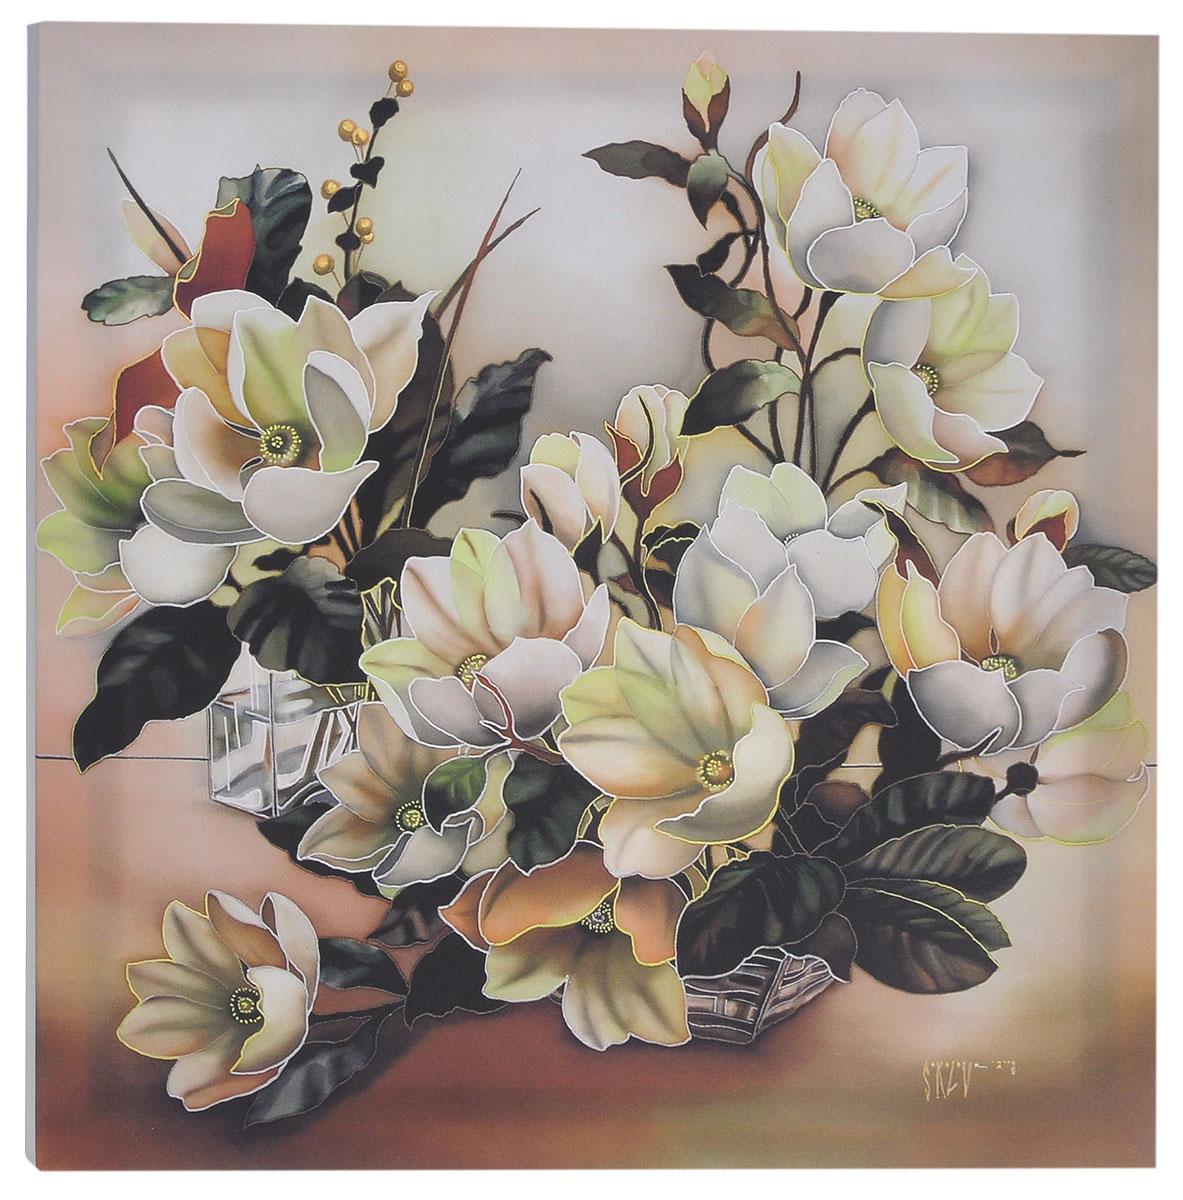 КвикДекор Картина детская МагнолииAP-00826-00042-Cn5050Картина КвикДекор Магнолии - это прекрасное украшение для вашей гостиной, детской или спальни. Она привнесет в интерьер яркий акцент и сделает обстановку комфортной и уютной.Автор картины - Надежда Соколова - родилась в 1973 году в городе Дрездене. В 1986-1990 годах училась в Художественной школе города Новгорода. В 1995 году окончила с отличием рекламное отделение Новгородского училища культуры. В 2000 году защитила диплом на факультете Искусств и Технологий НовГУ имени Ярослава Мудрого. Выставляется с 1996 года. Работает в техниках: живопись, графика, батик, лаковая миниатюра, авторская кукла. Является автором оригинального стиля в миниатюре.Изделие представляет собой картину с латексной печатью на натуральном хлопчатобумажном холсте. Галерейная натяжка на деревянный подрамник выполнена очень аккуратно, а боковые части картины запечатаны тоновой заливкой. Обратная сторона подрамника содержит отверстие, благодаря которому картину можно легко закрепить на стене и подкорректировать ее положение.Картина Магнолии - вдохновляющее декоративное решение, привносящее в интерьер нотки творчества и изысканности!